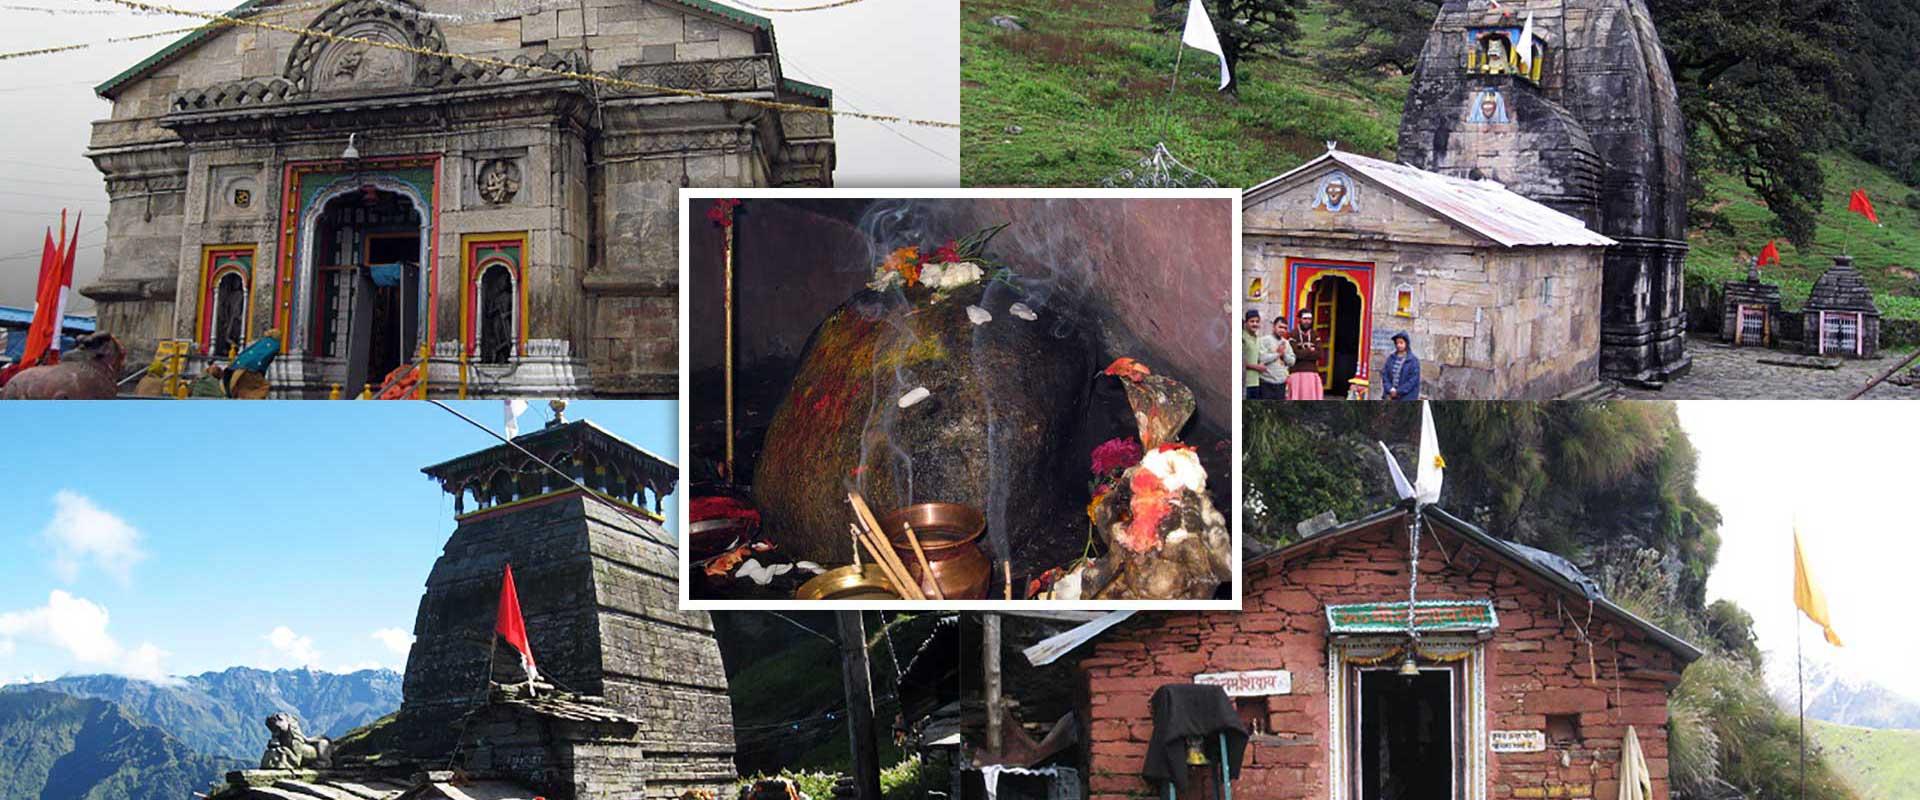 Panch Kedar, Kedarnath, Tungnath, Rudranath, Madhyamaheshwar, Kalpeshwar, Hindi, Information, Jankari, Story, Kahani, History,